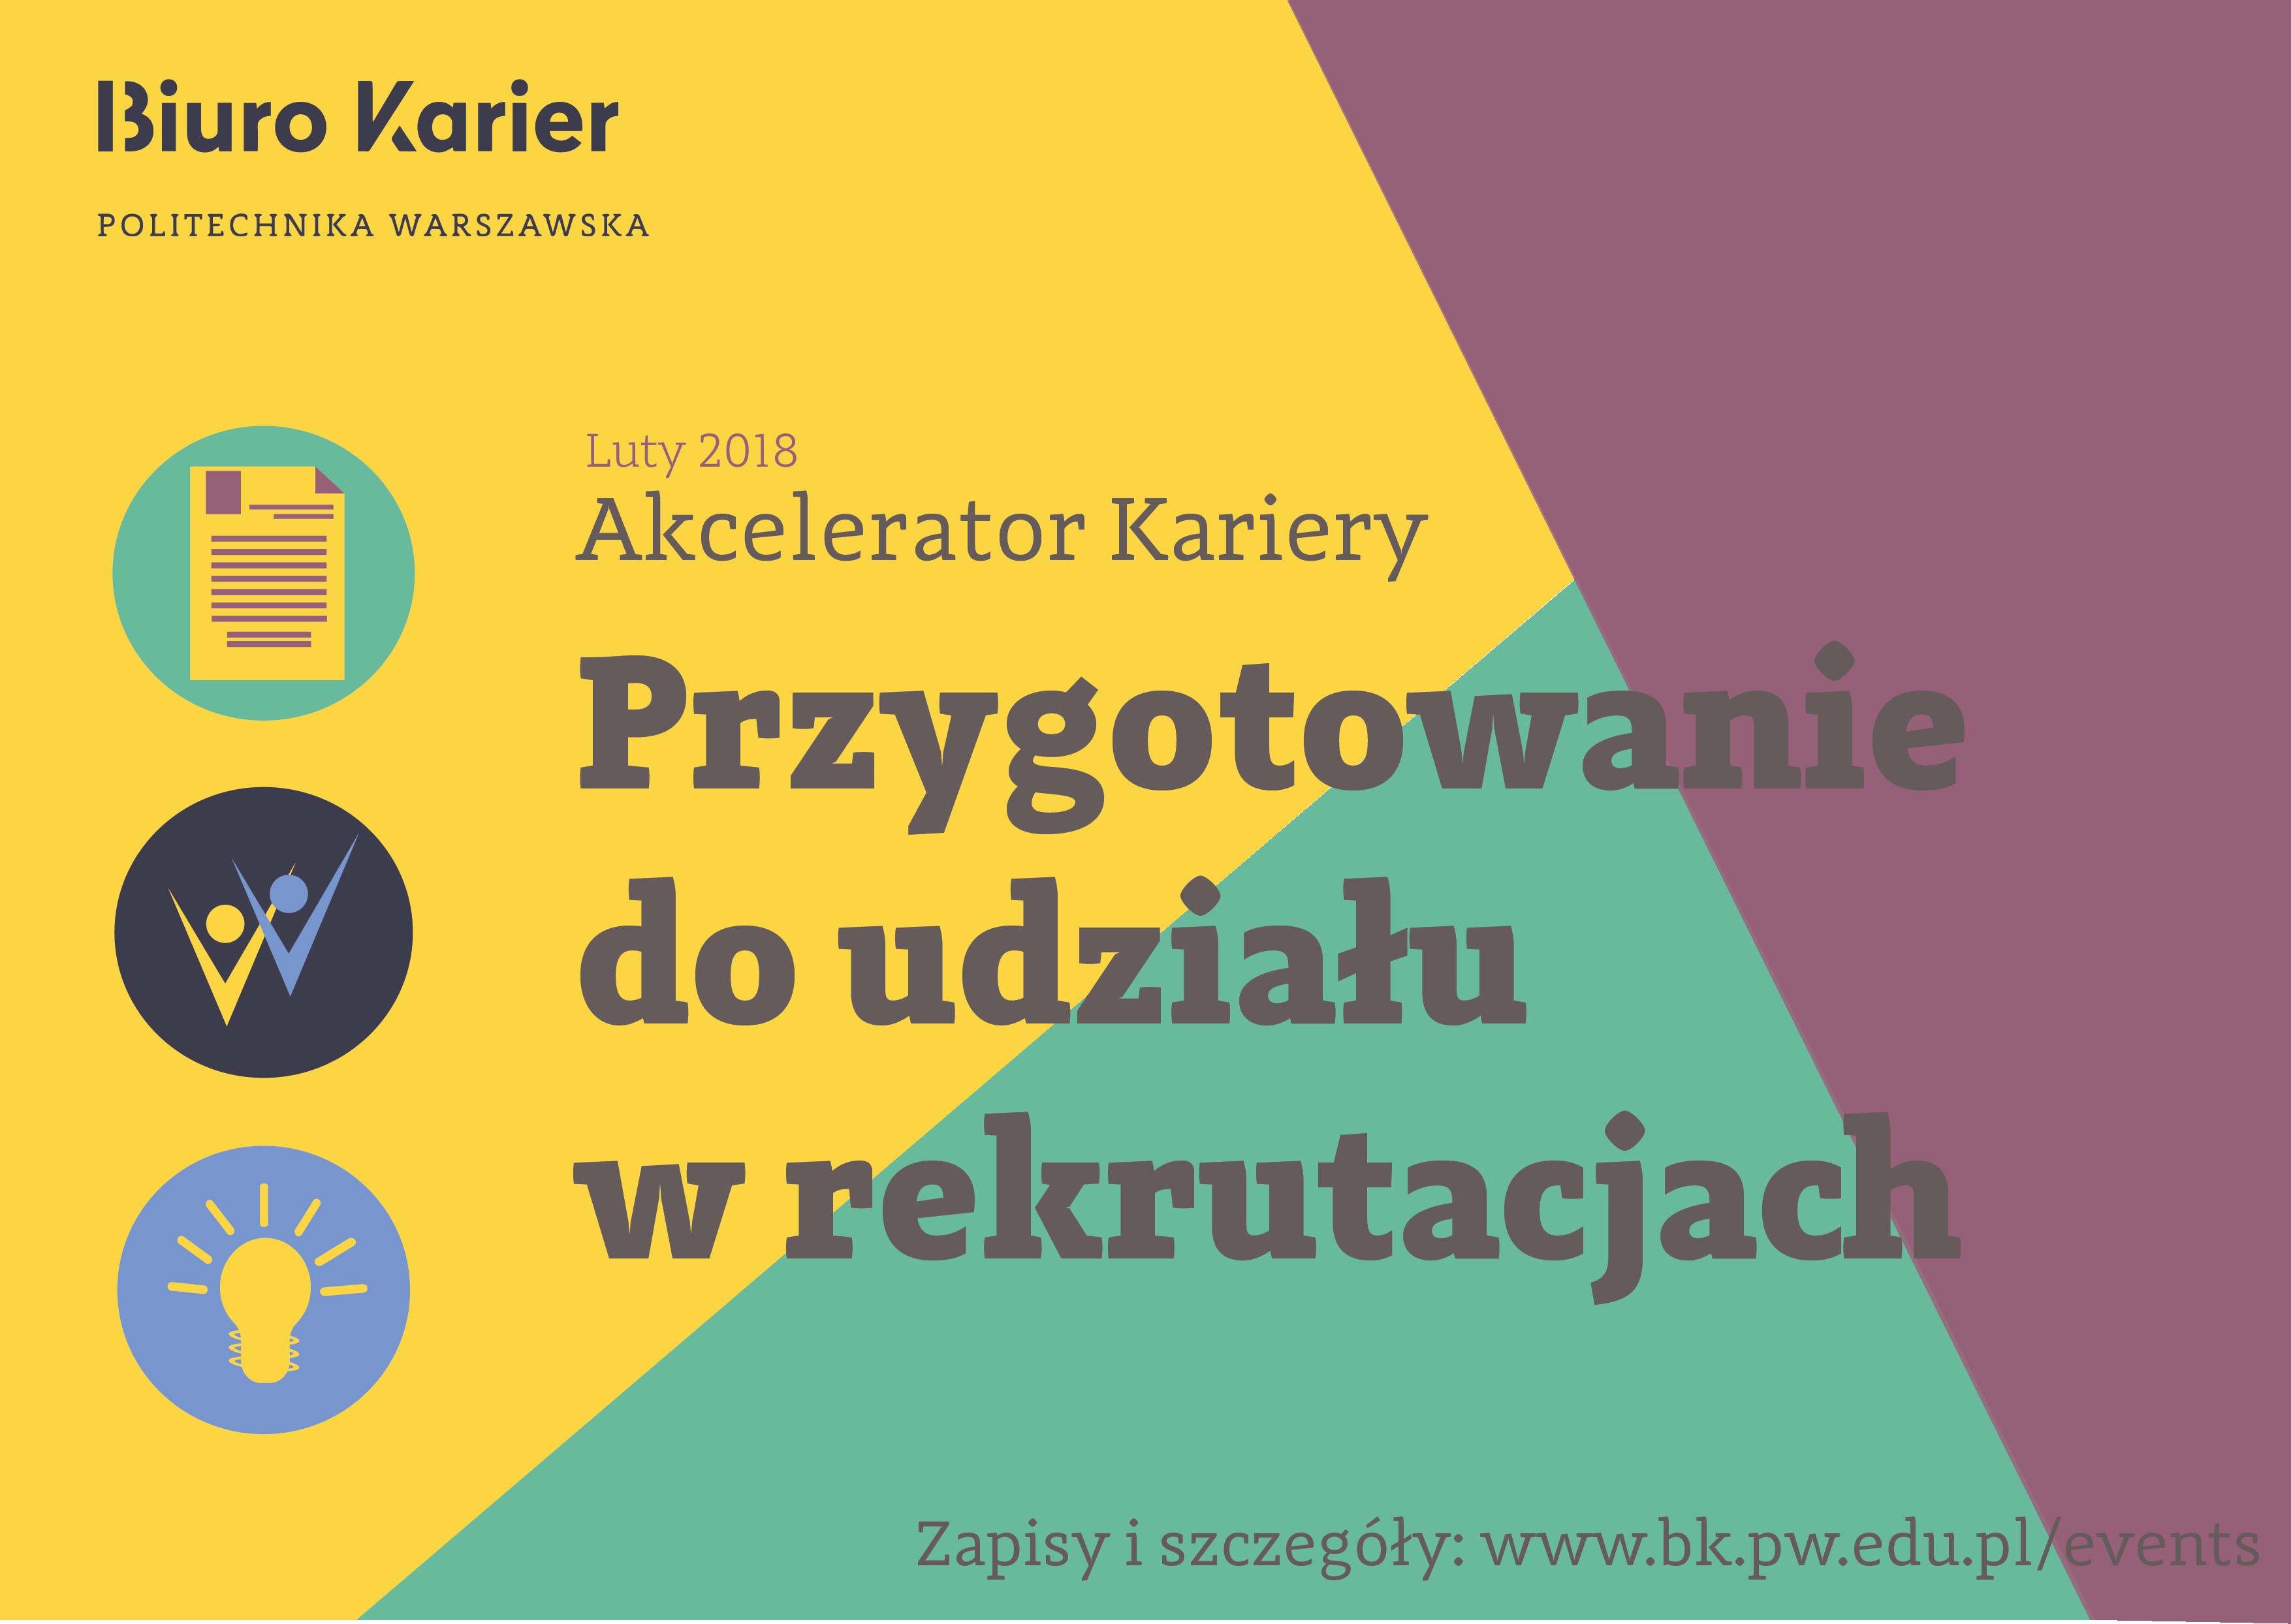 Akcelerator Kariery - Luty